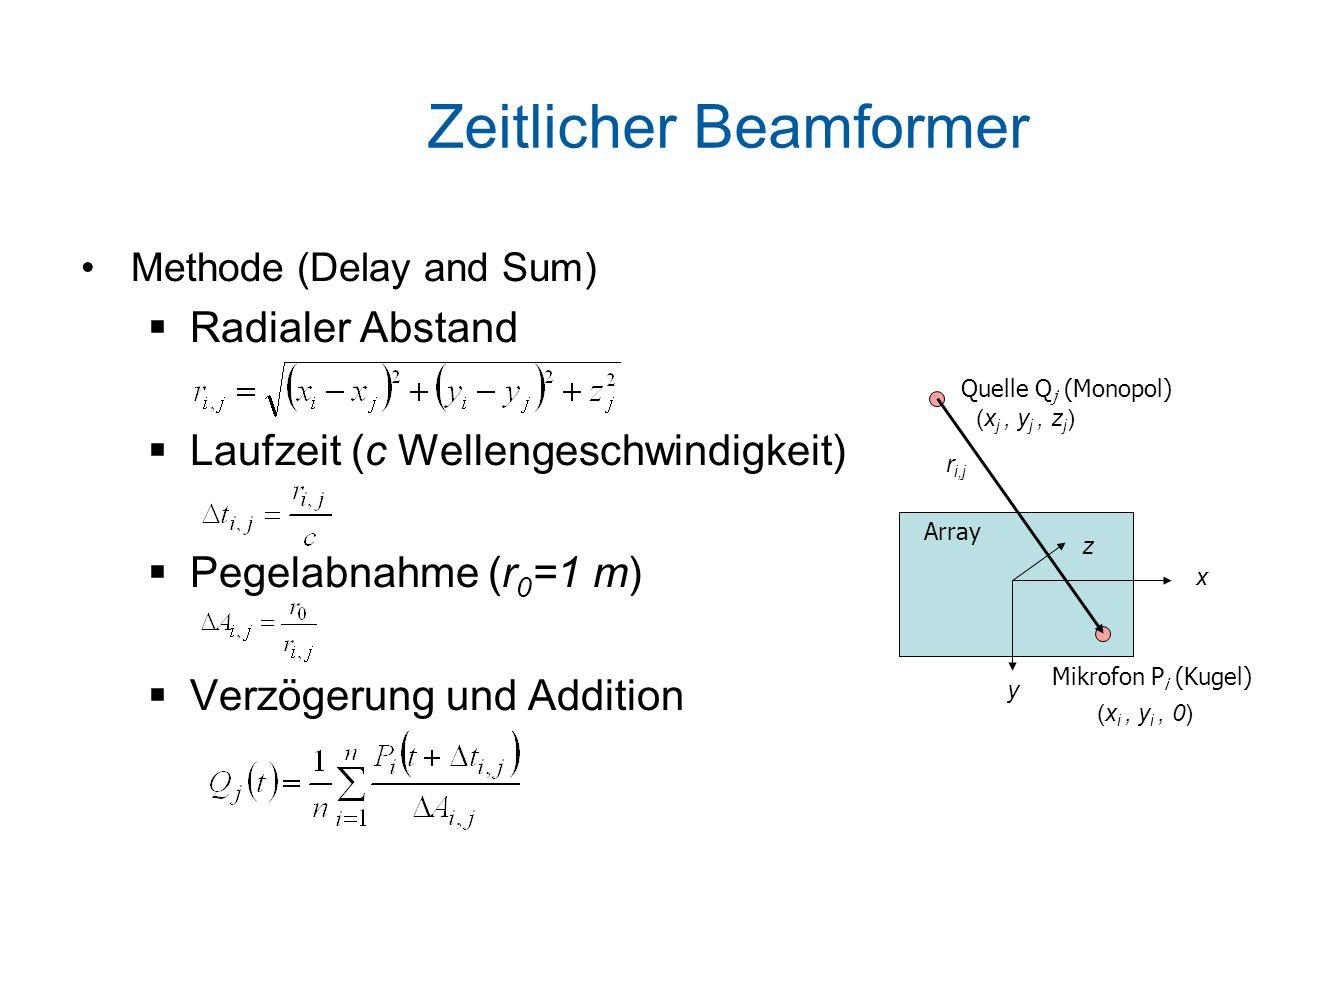 Zeitlicher Beamformer Methode (Delay and Sum) Radialer Abstand Laufzeit (c Wellengeschwindigkeit) Pegelabnahme (r 0 =1 m) Verzögerung und Addition Quelle Q j (Monopol) y x r i,j (x j, y j, z j ) z Mikrofon P i (Kugel) Array (x i, y i, 0)